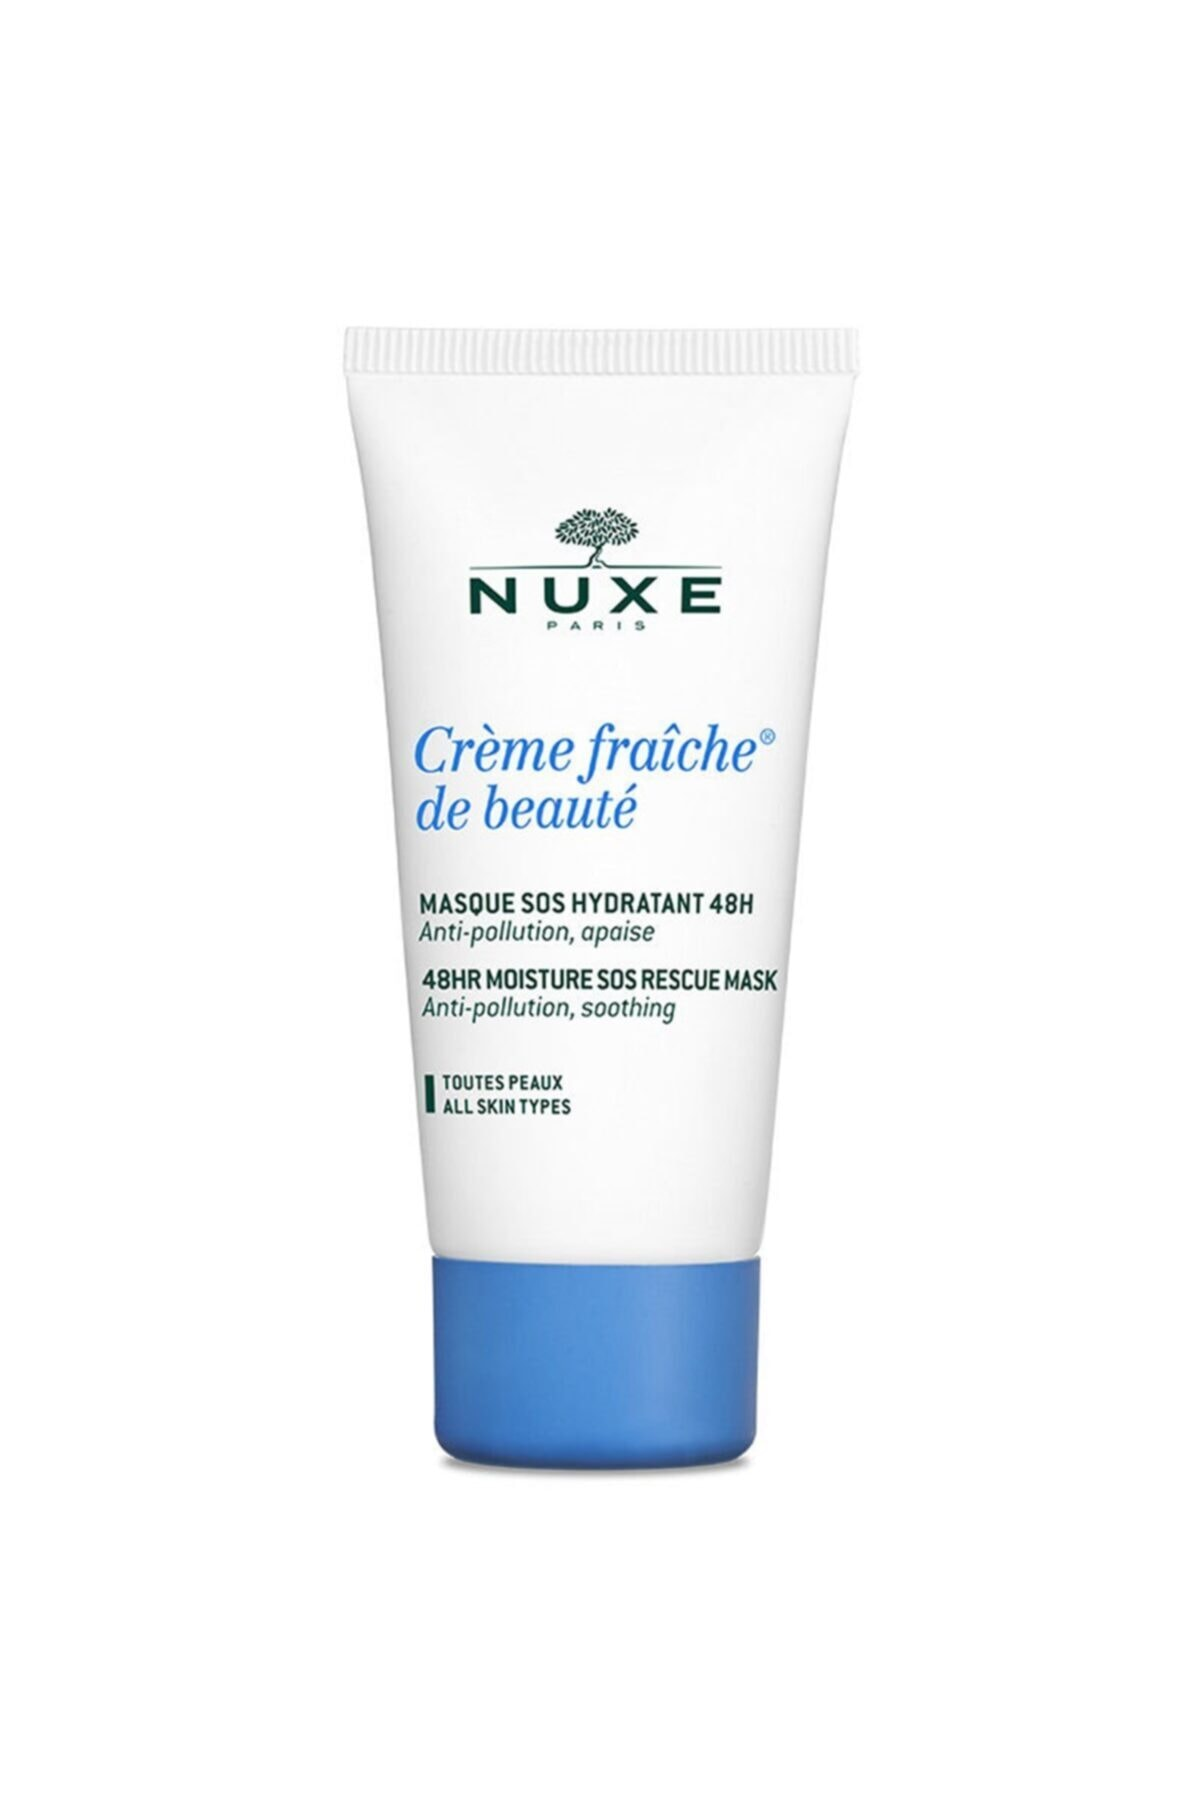 Nuxe Creme Fraiche De Beaute 48h Masque 50ml 1